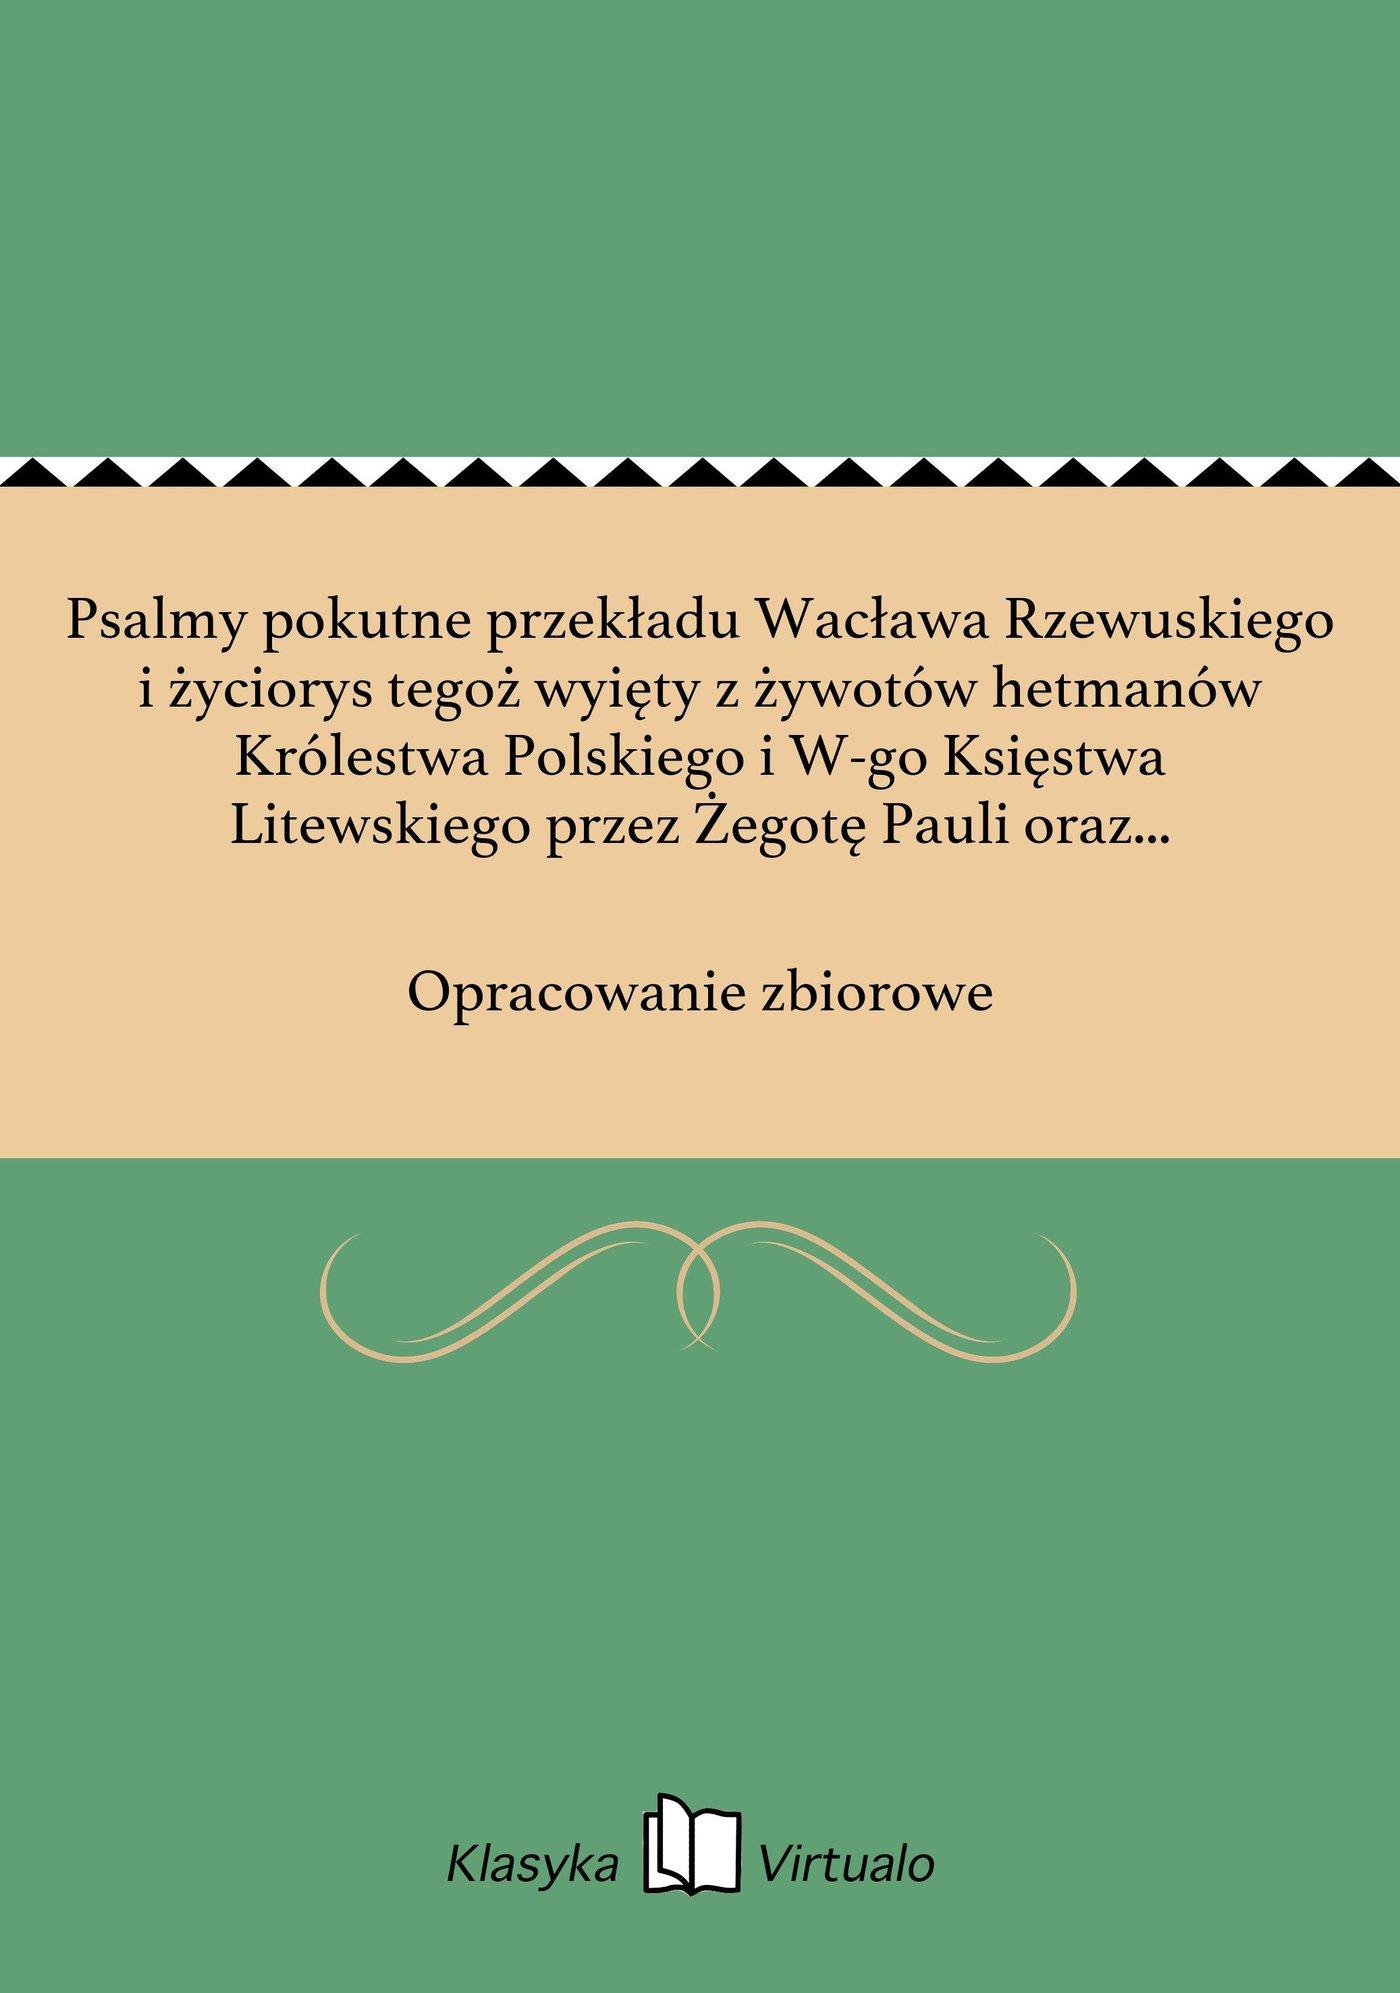 Psalmy pokutne przekładu Wacława Rzewuskiego i życiorys tegoż wyięty z żywotów hetmanów Królestwa Polskiego i W-go Księstwa Litewskiego przez Żegotę Pauli oraz z kroniki podhoreckiej przez L. R ... z dodaniem listu Adama Wawrz. Rzewuskiego K. - Ebook (Książka EPUB) do pobrania w formacie EPUB